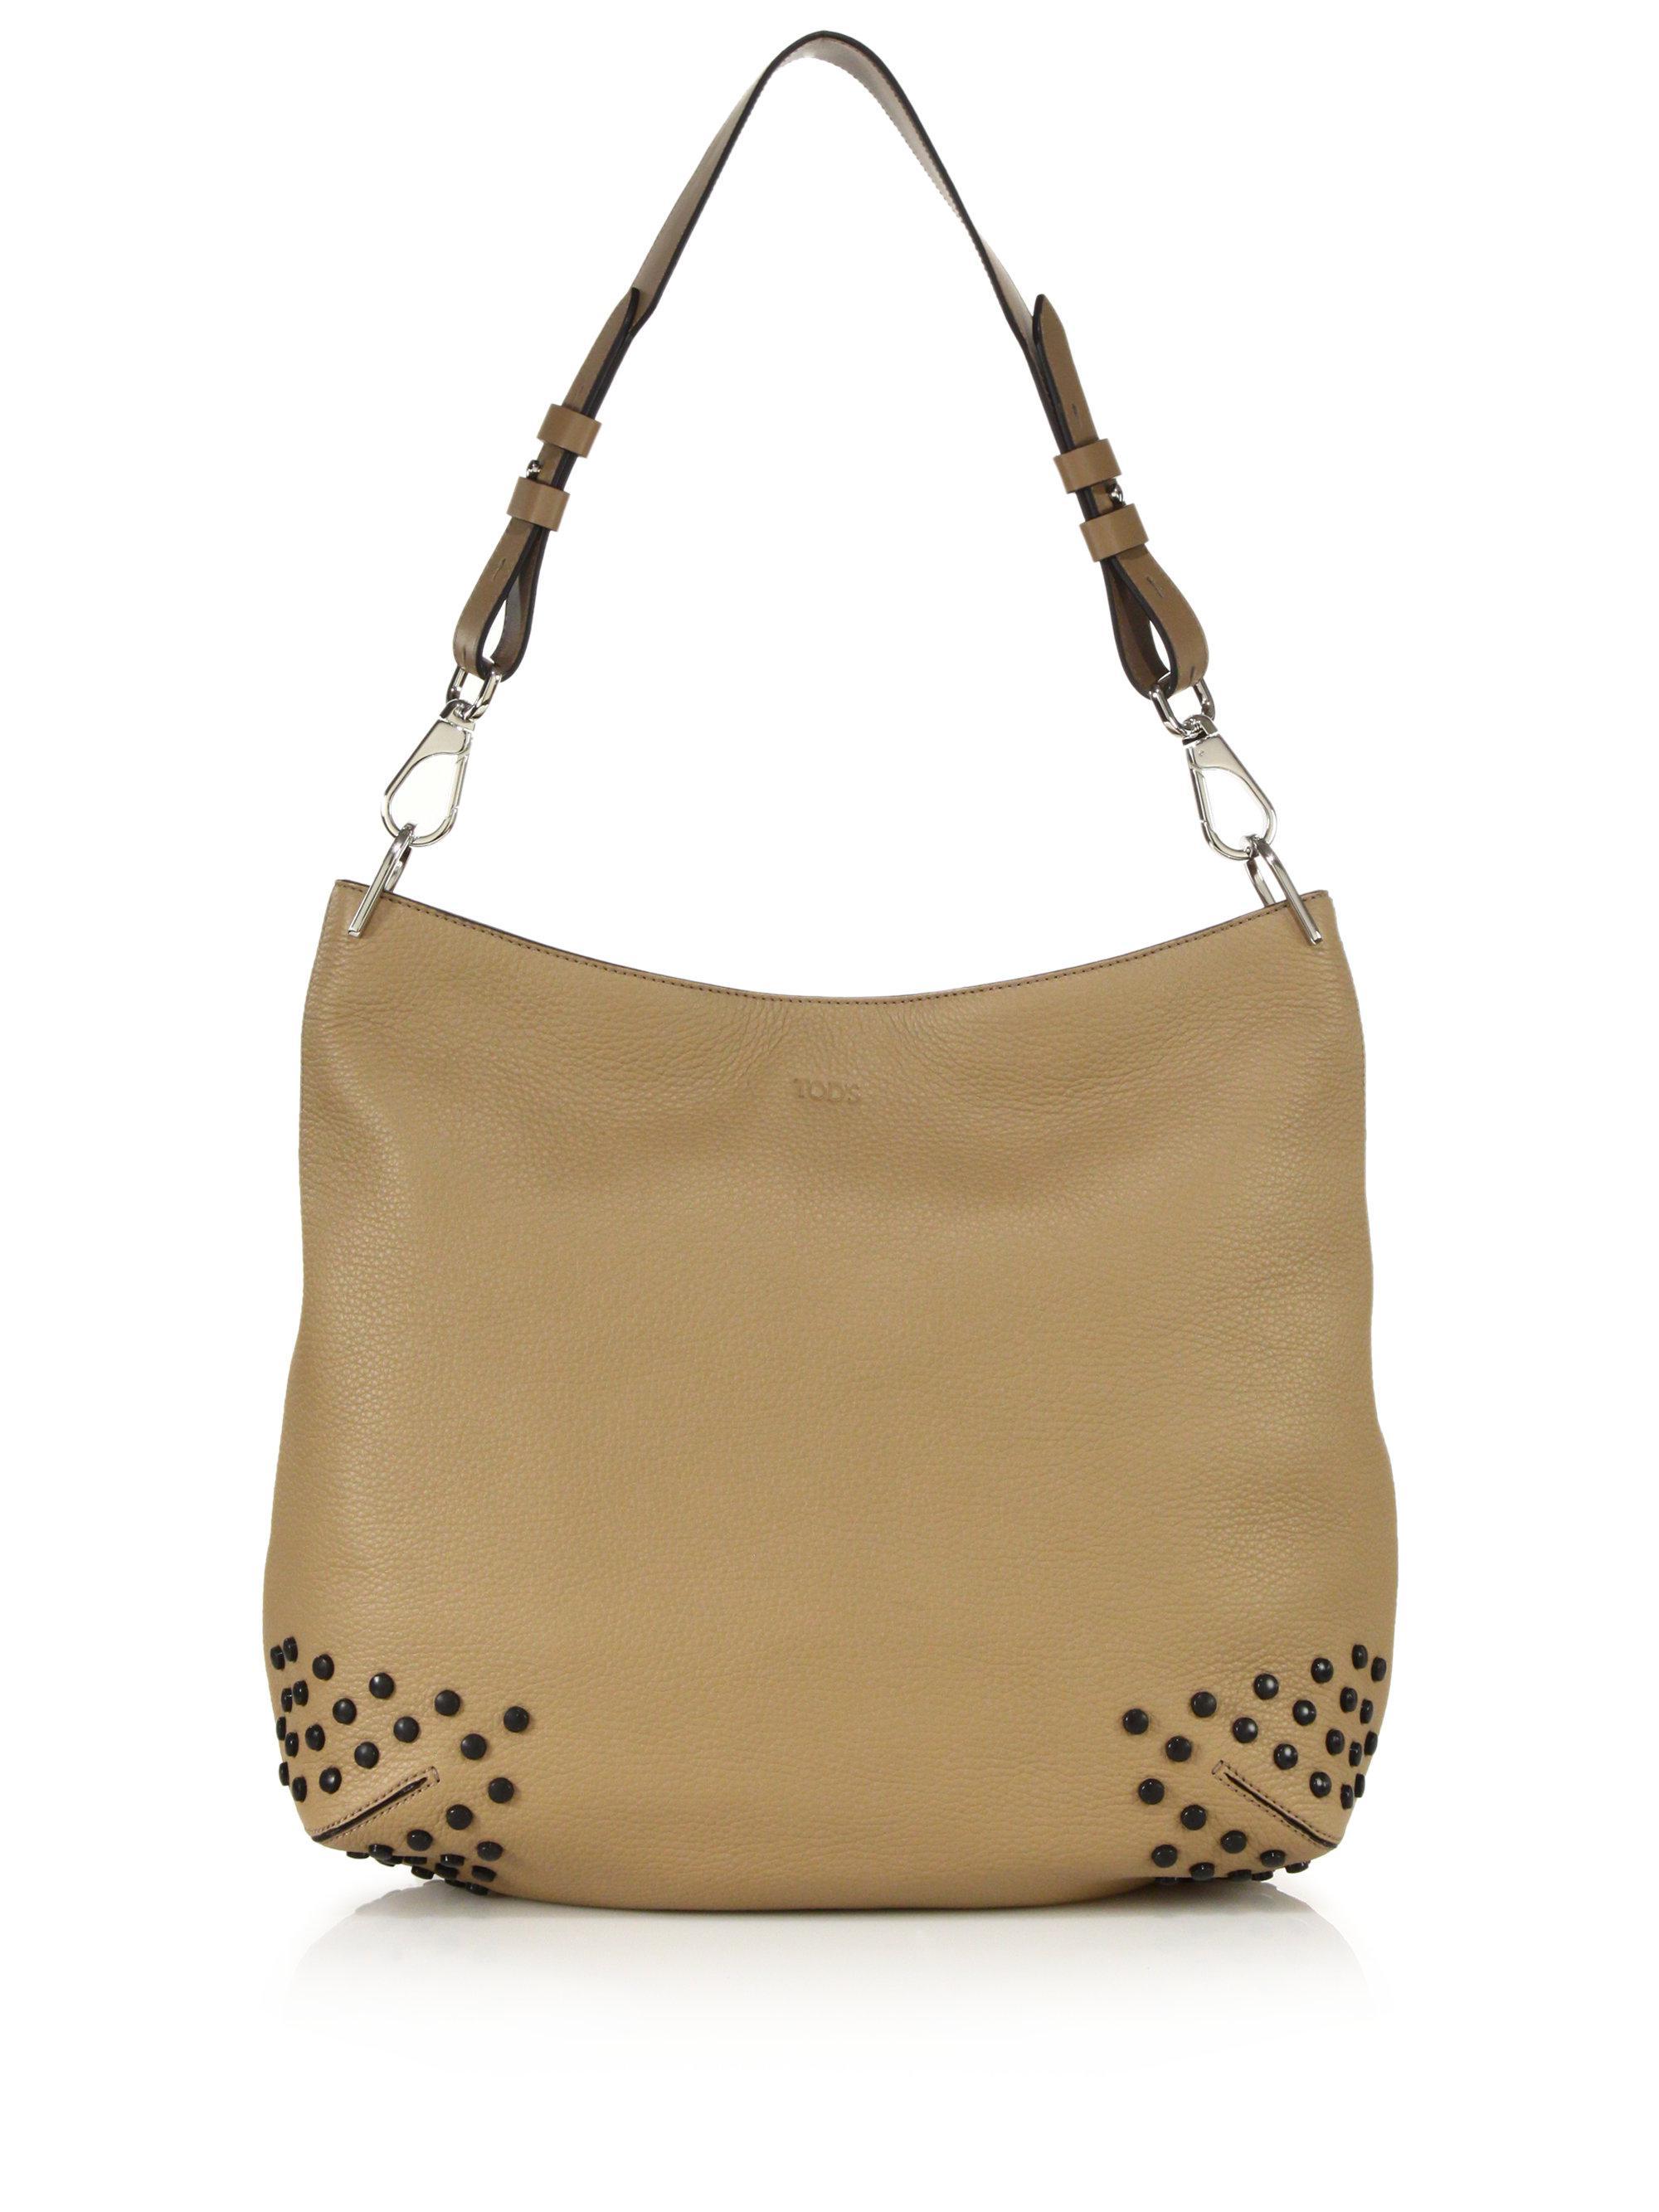 Tod's. Women's Natural Gommini Medium Leather Hobo Bag